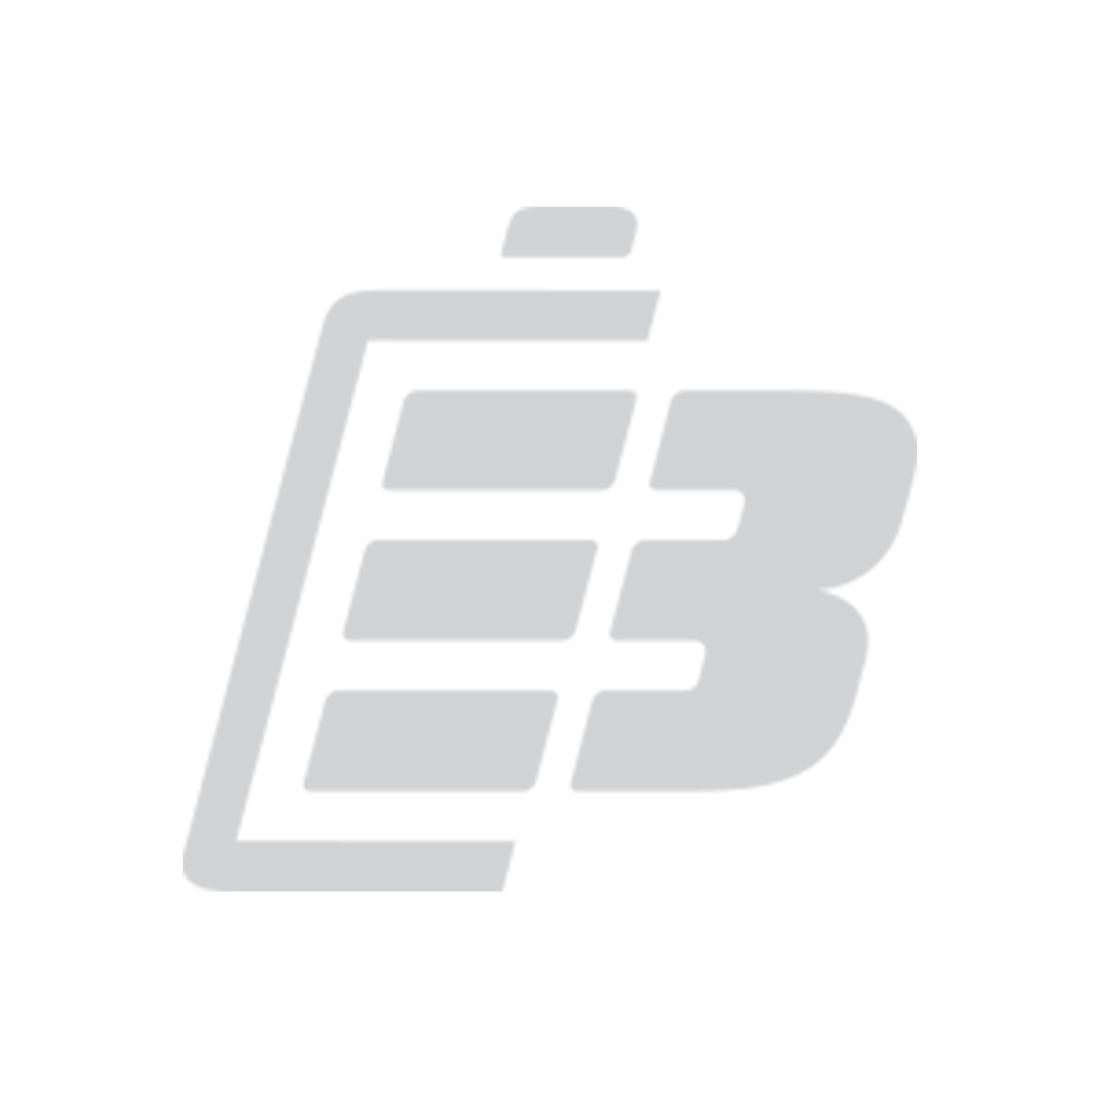 Μπαταρία ηλεκτρικού εργαλείου Bosch 18V 3.0Ah_1